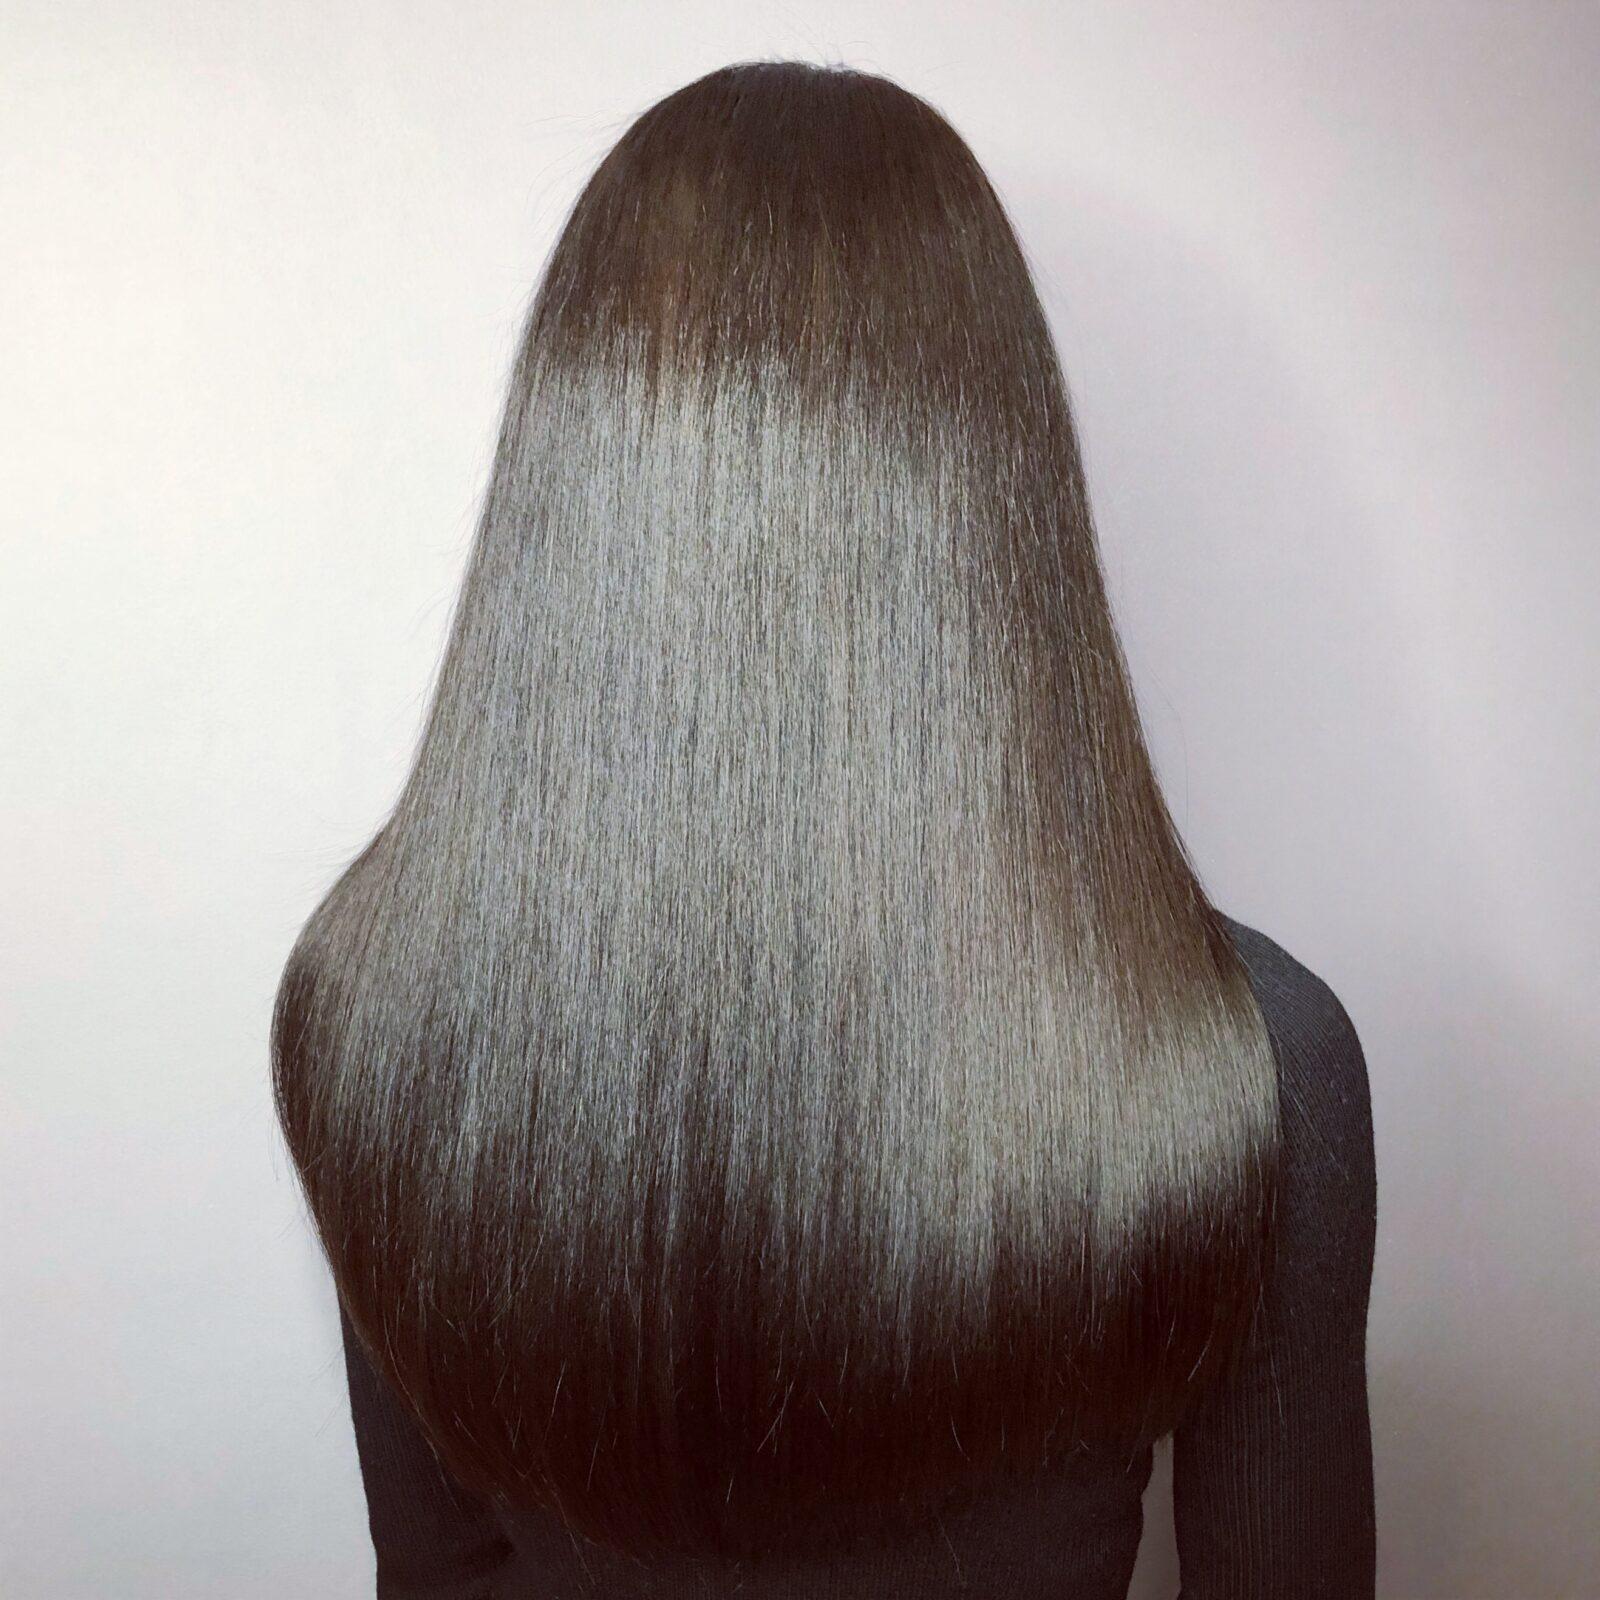 Окрашивание волос в СПб: передовые технологии и японское качество